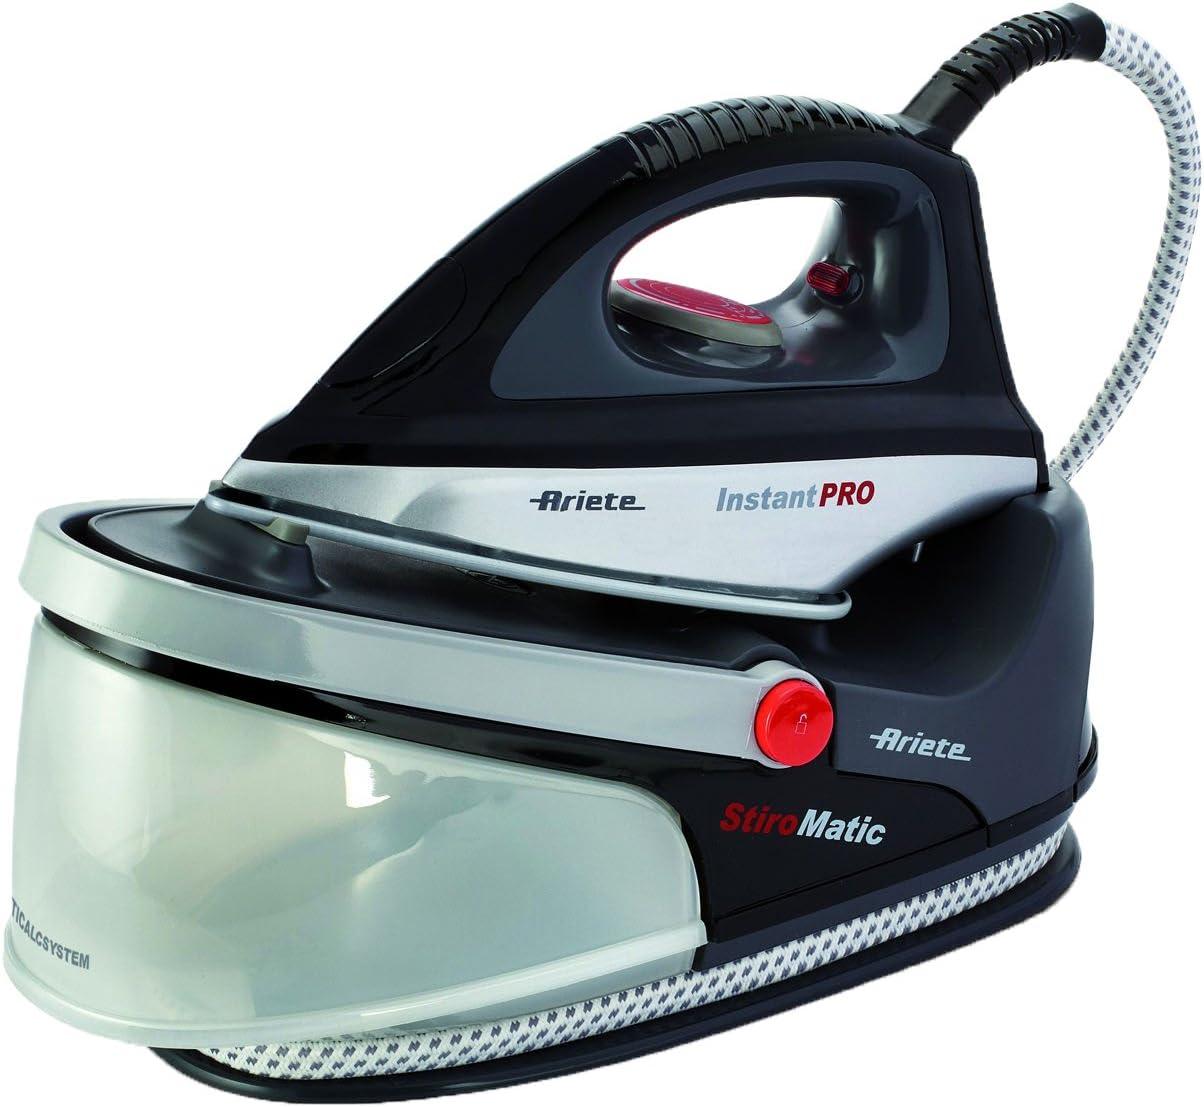 Ariete Stiromatic Instant Pro 5578 - Centro de Planchado de 2200 W, autonomía Ilimitada, suela cerámica, asa transporte, recogecable, color negro y plata